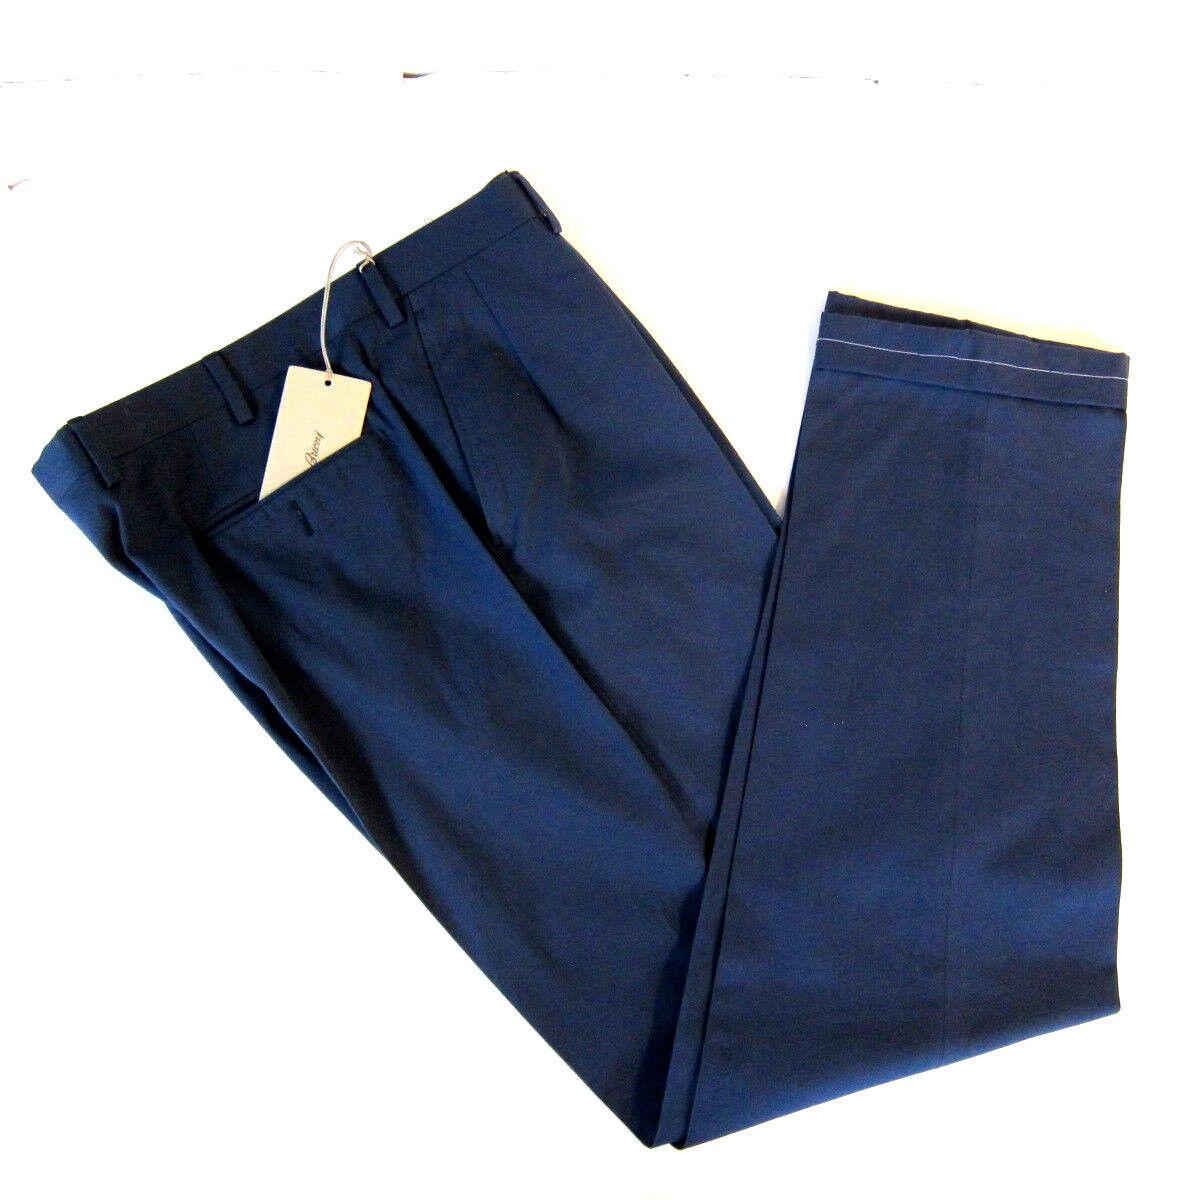 J-2631983 Nuovo Brioni Blu Piani Anteriori Tasche Laterali Pantaloni Taglia 50